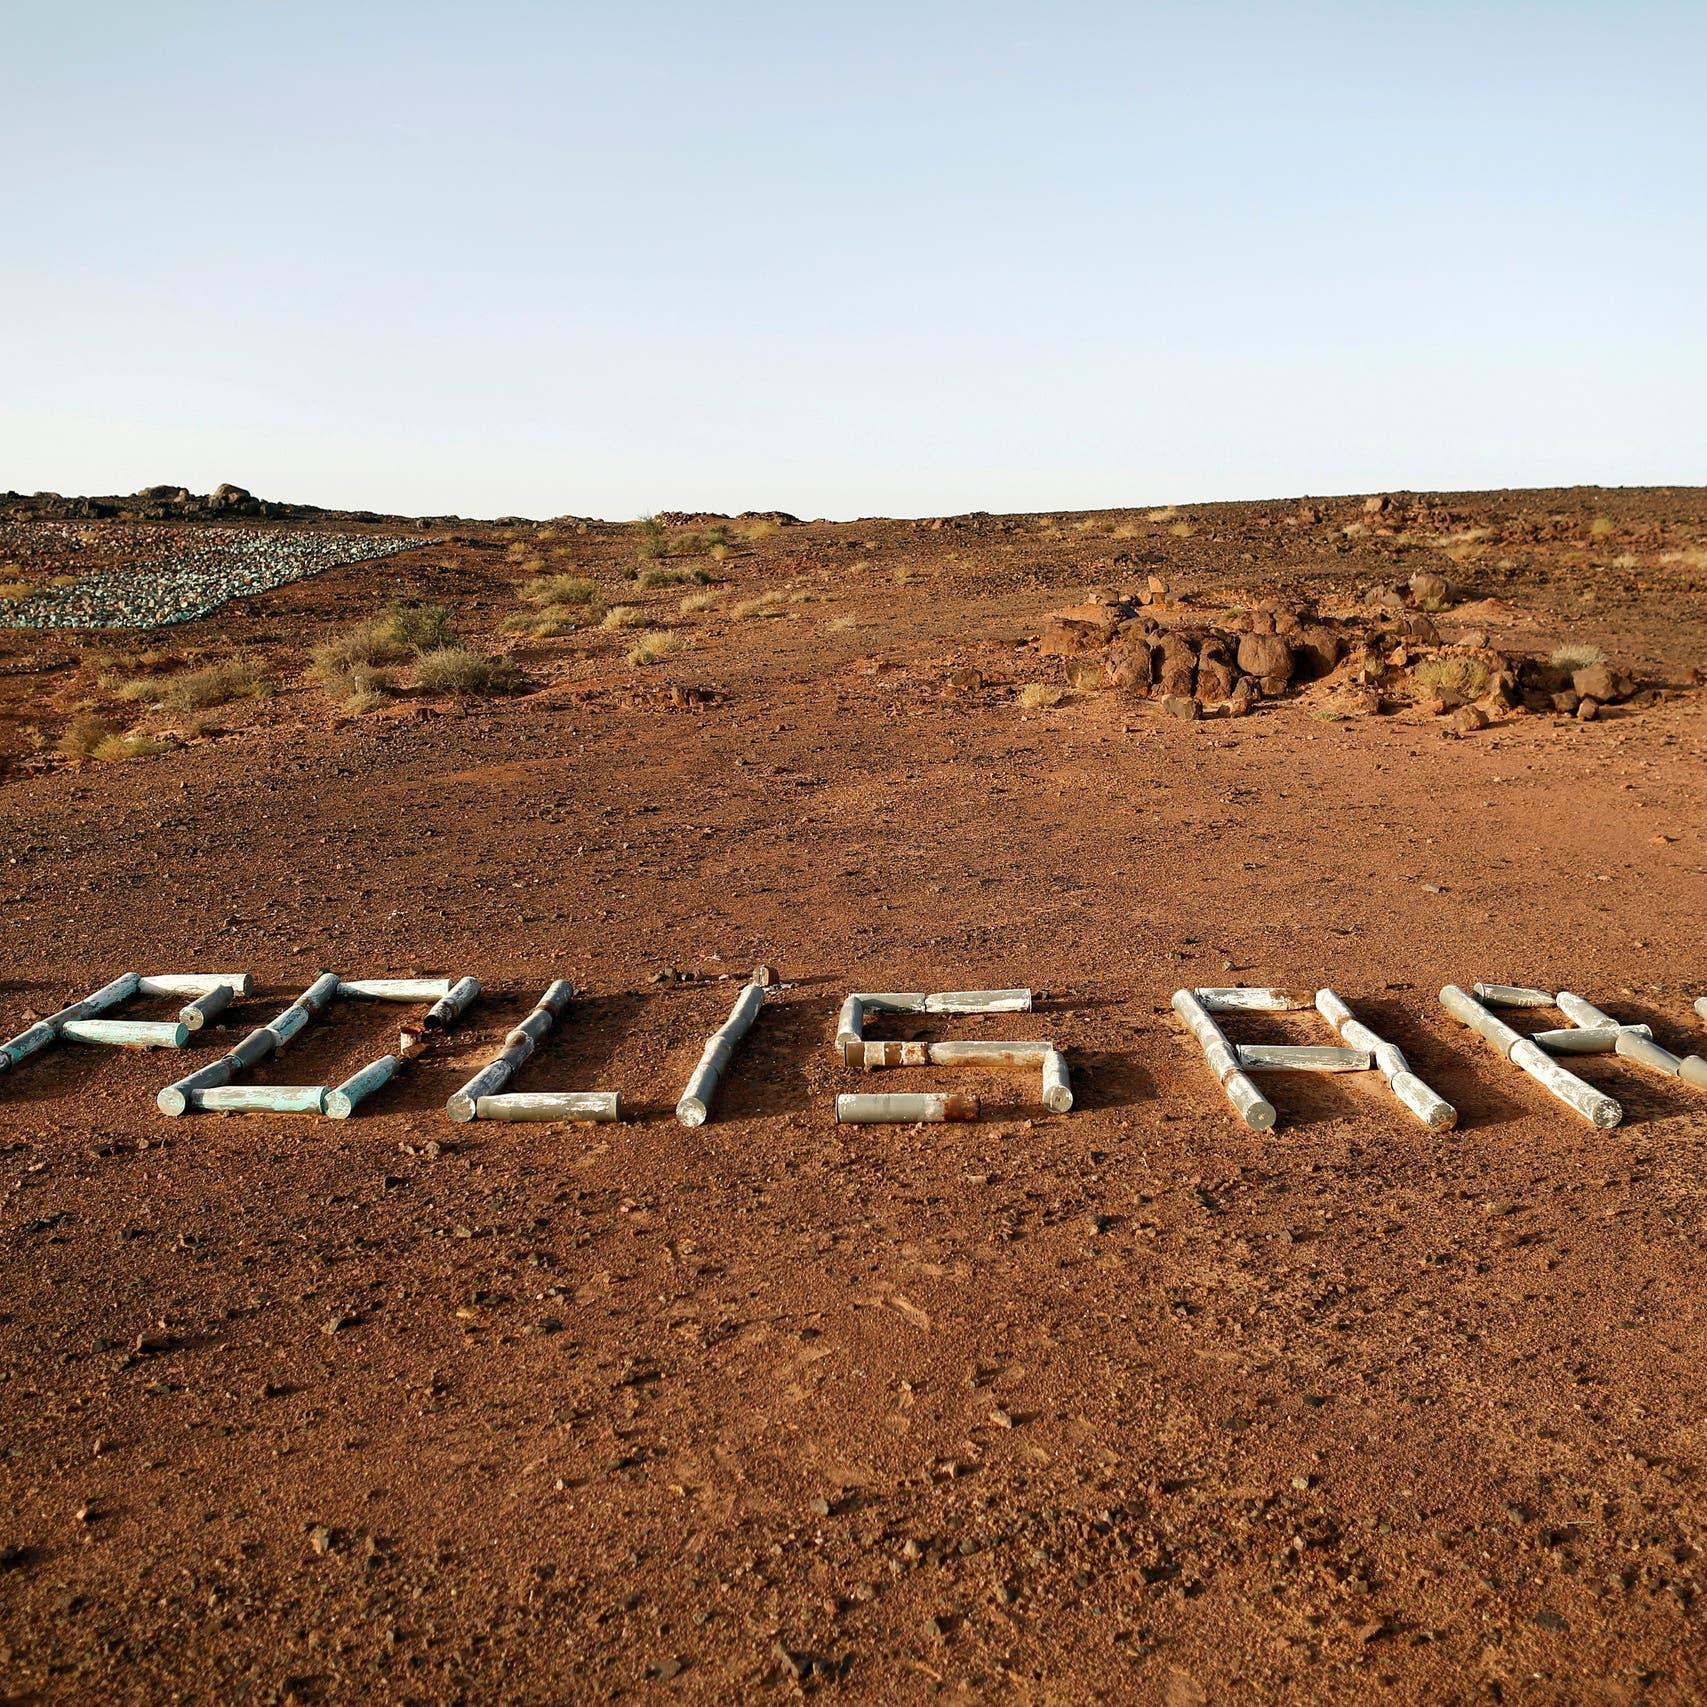 أزمة الصحراء.. ما تود معرفته عن البوليساريو والكركرات